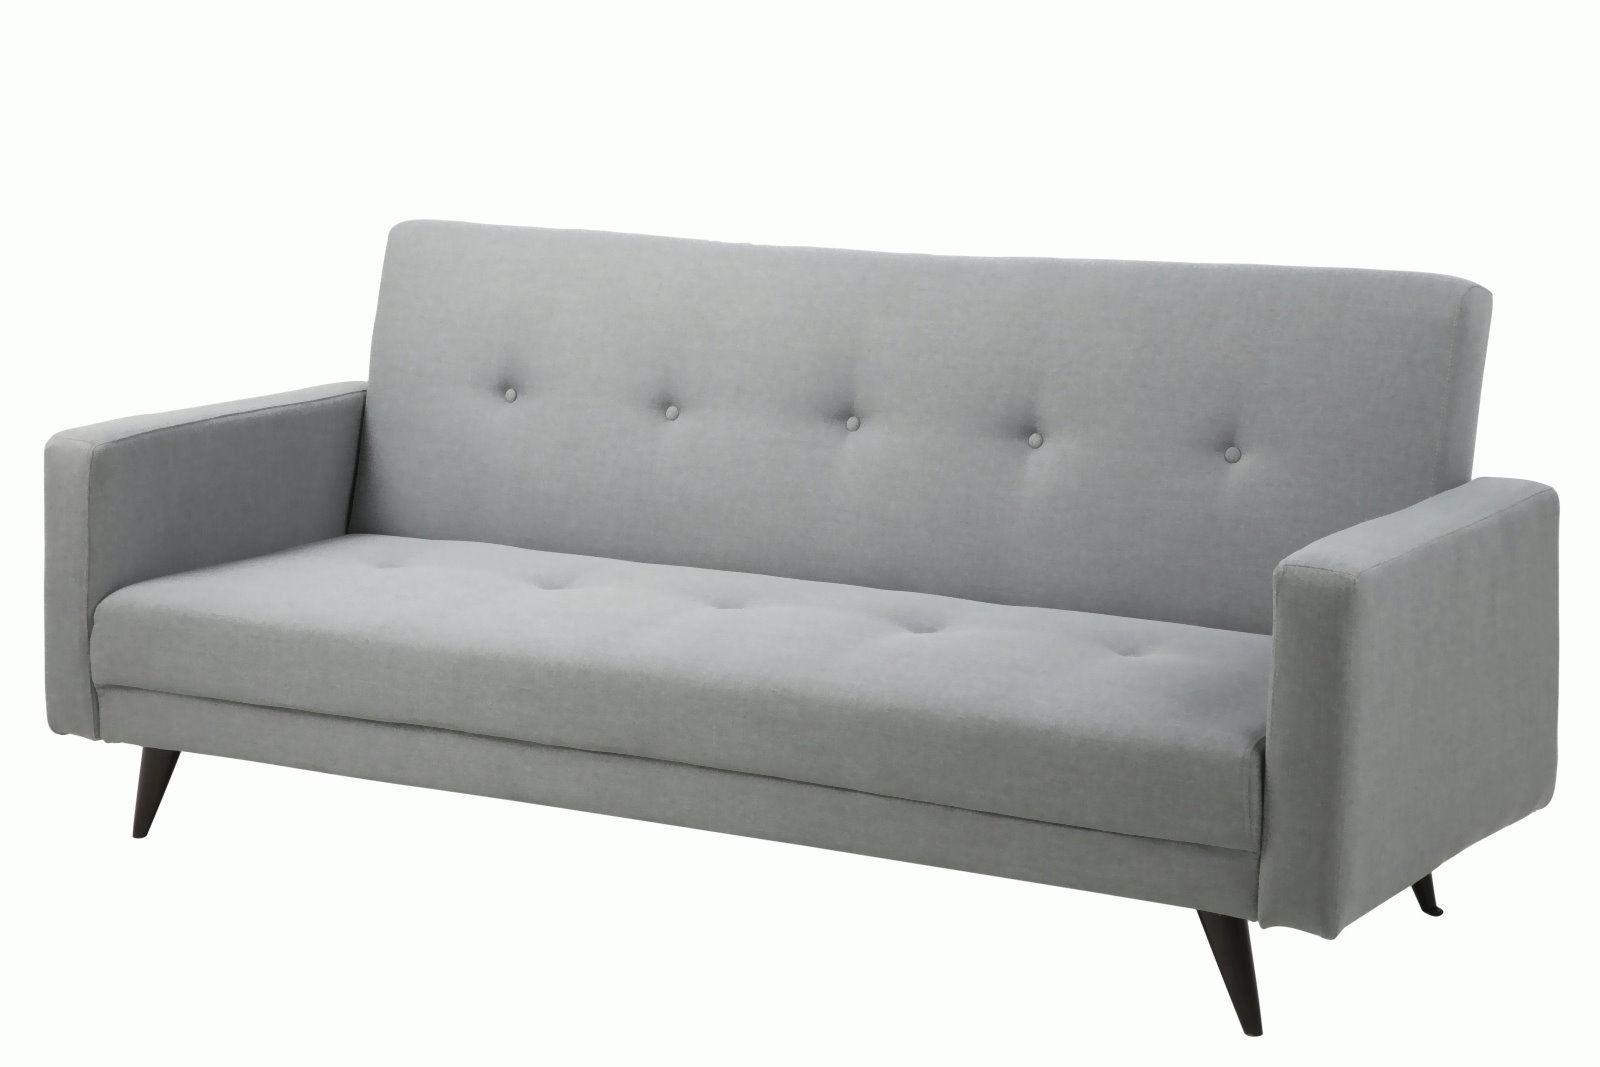 pkline schlafsofa in hellgrau 3 sitzer sofa couch schlafcouch - Sofacouch Mit Schlafcouch